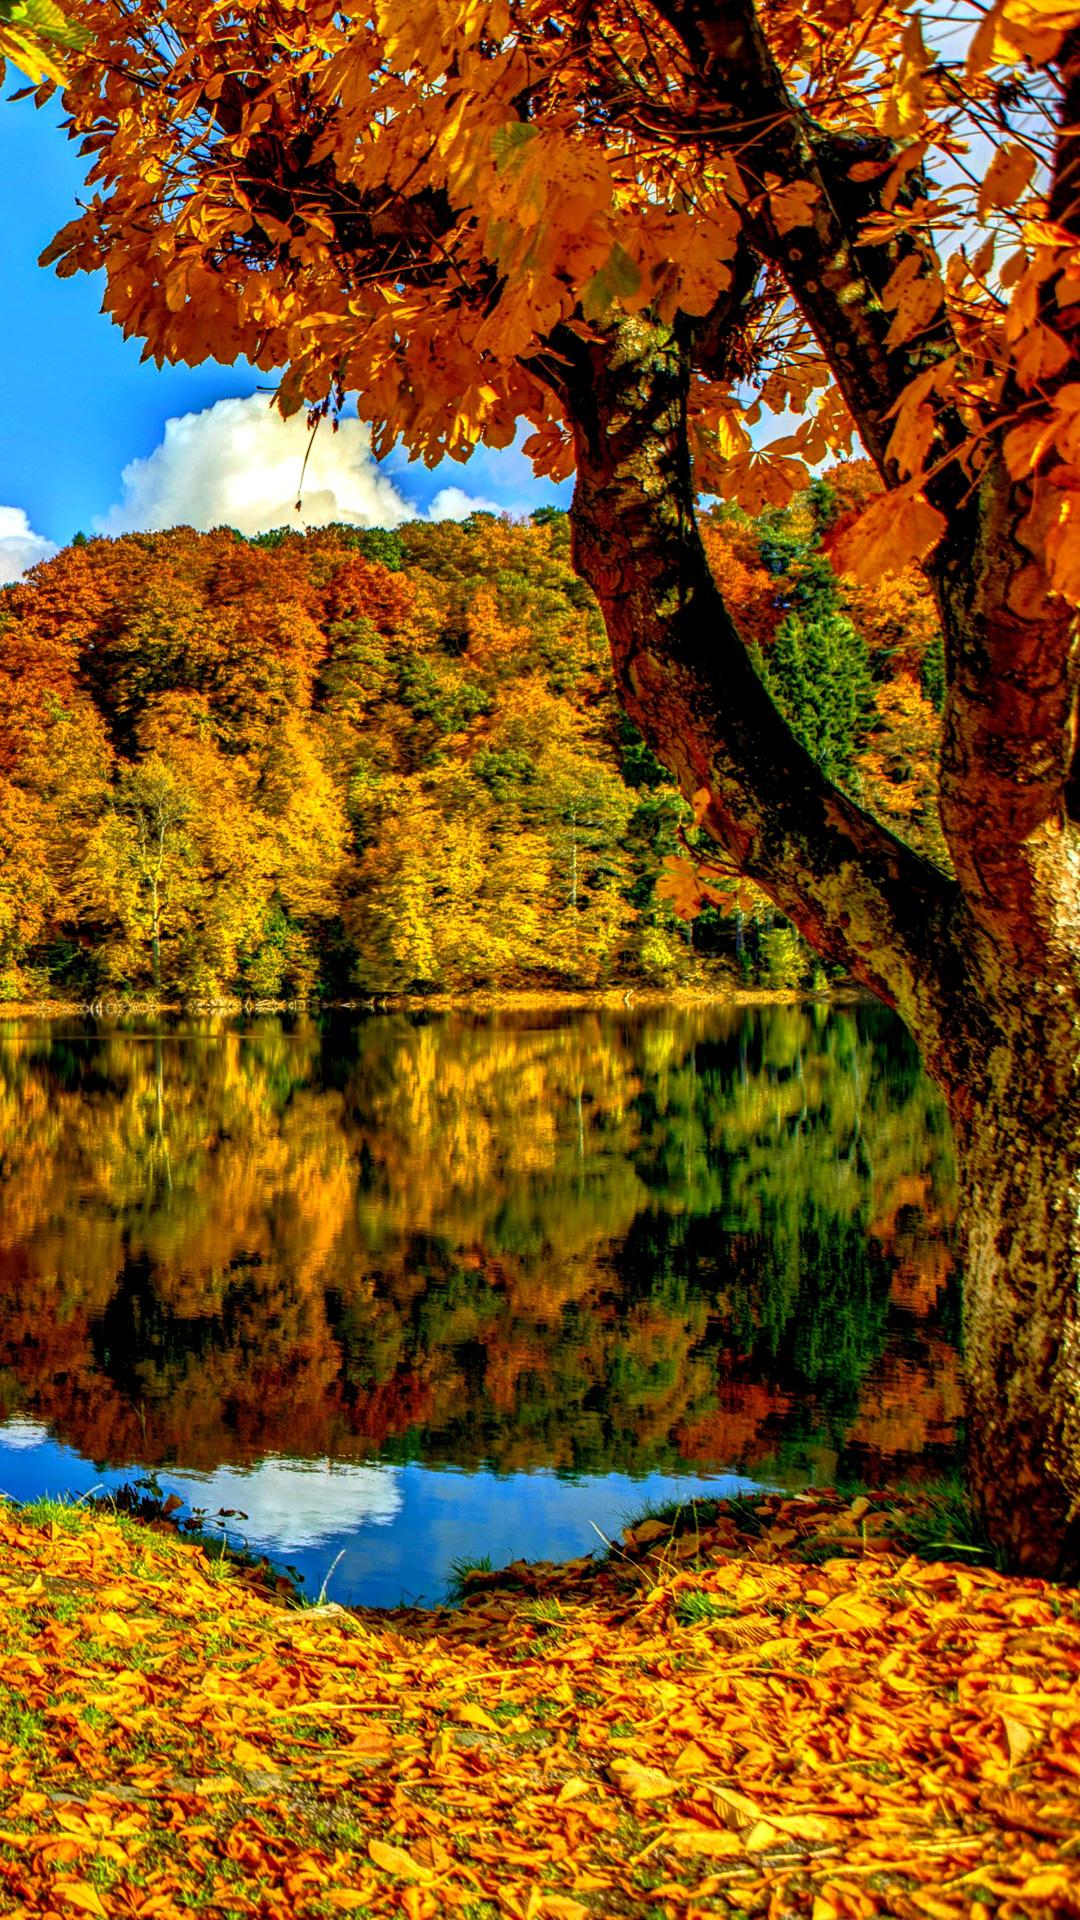 foto de A Fall Tree Wallpapers - Wallpaper Cave